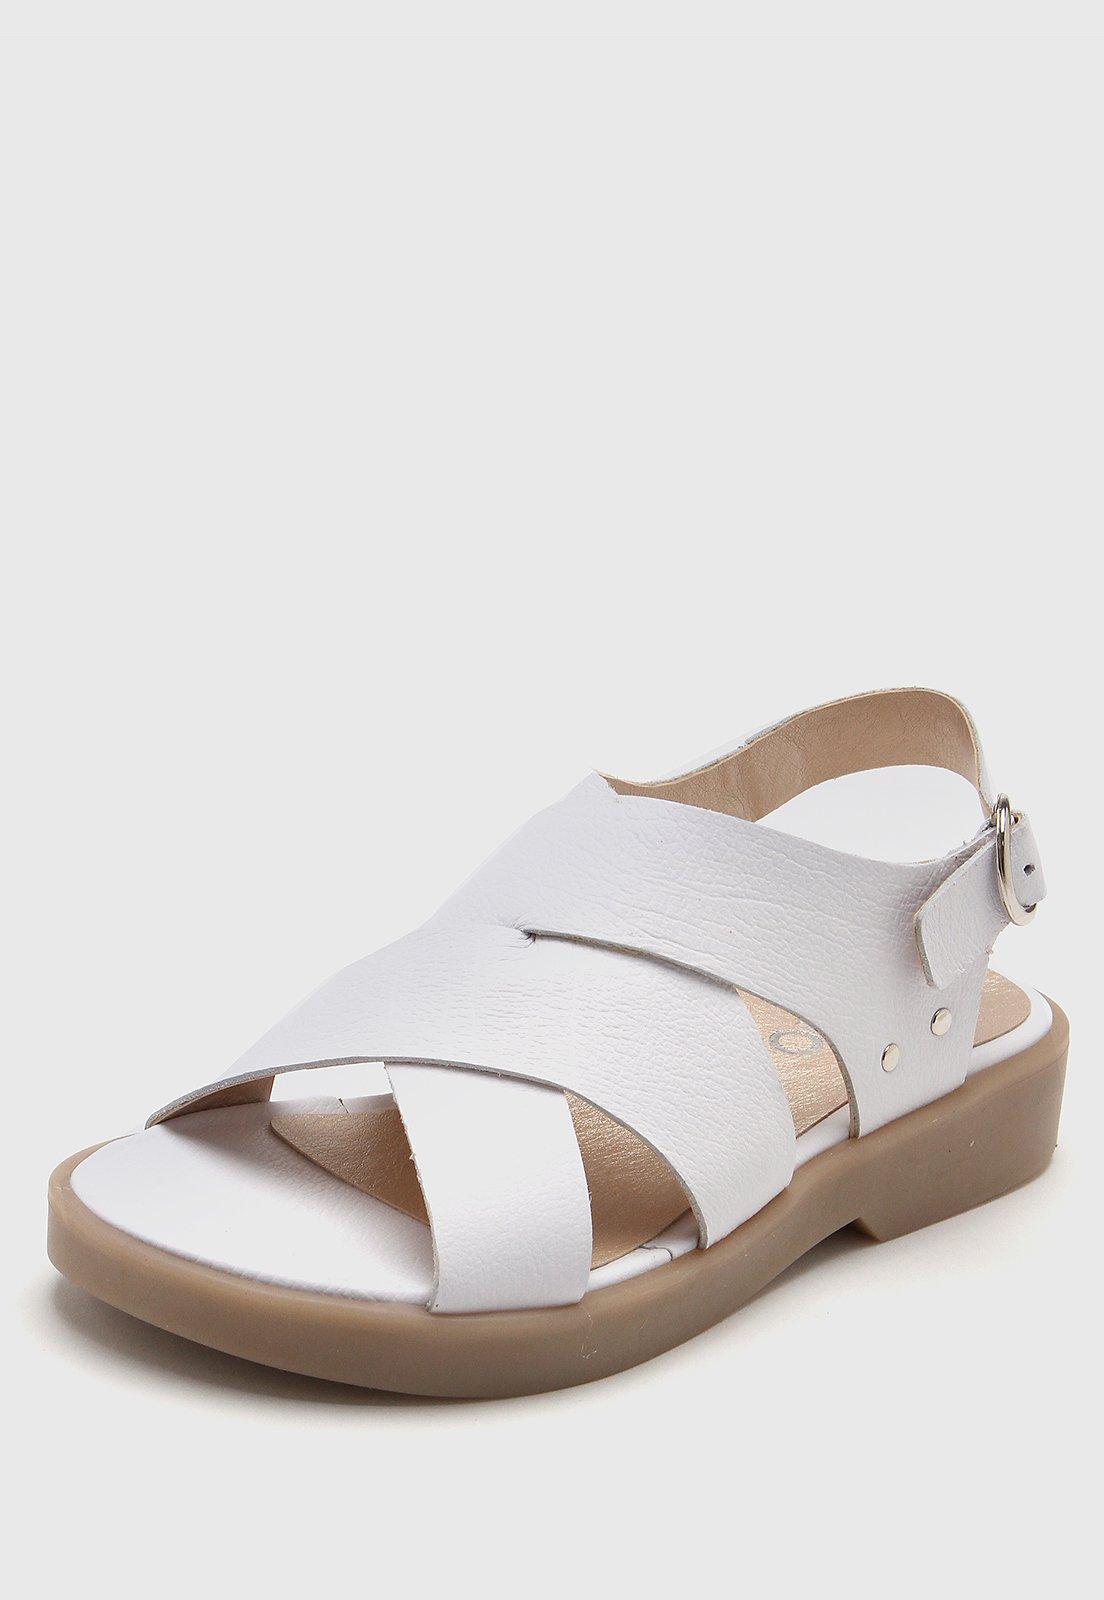 Sandalia de Cuero Blanca Viamo Lis